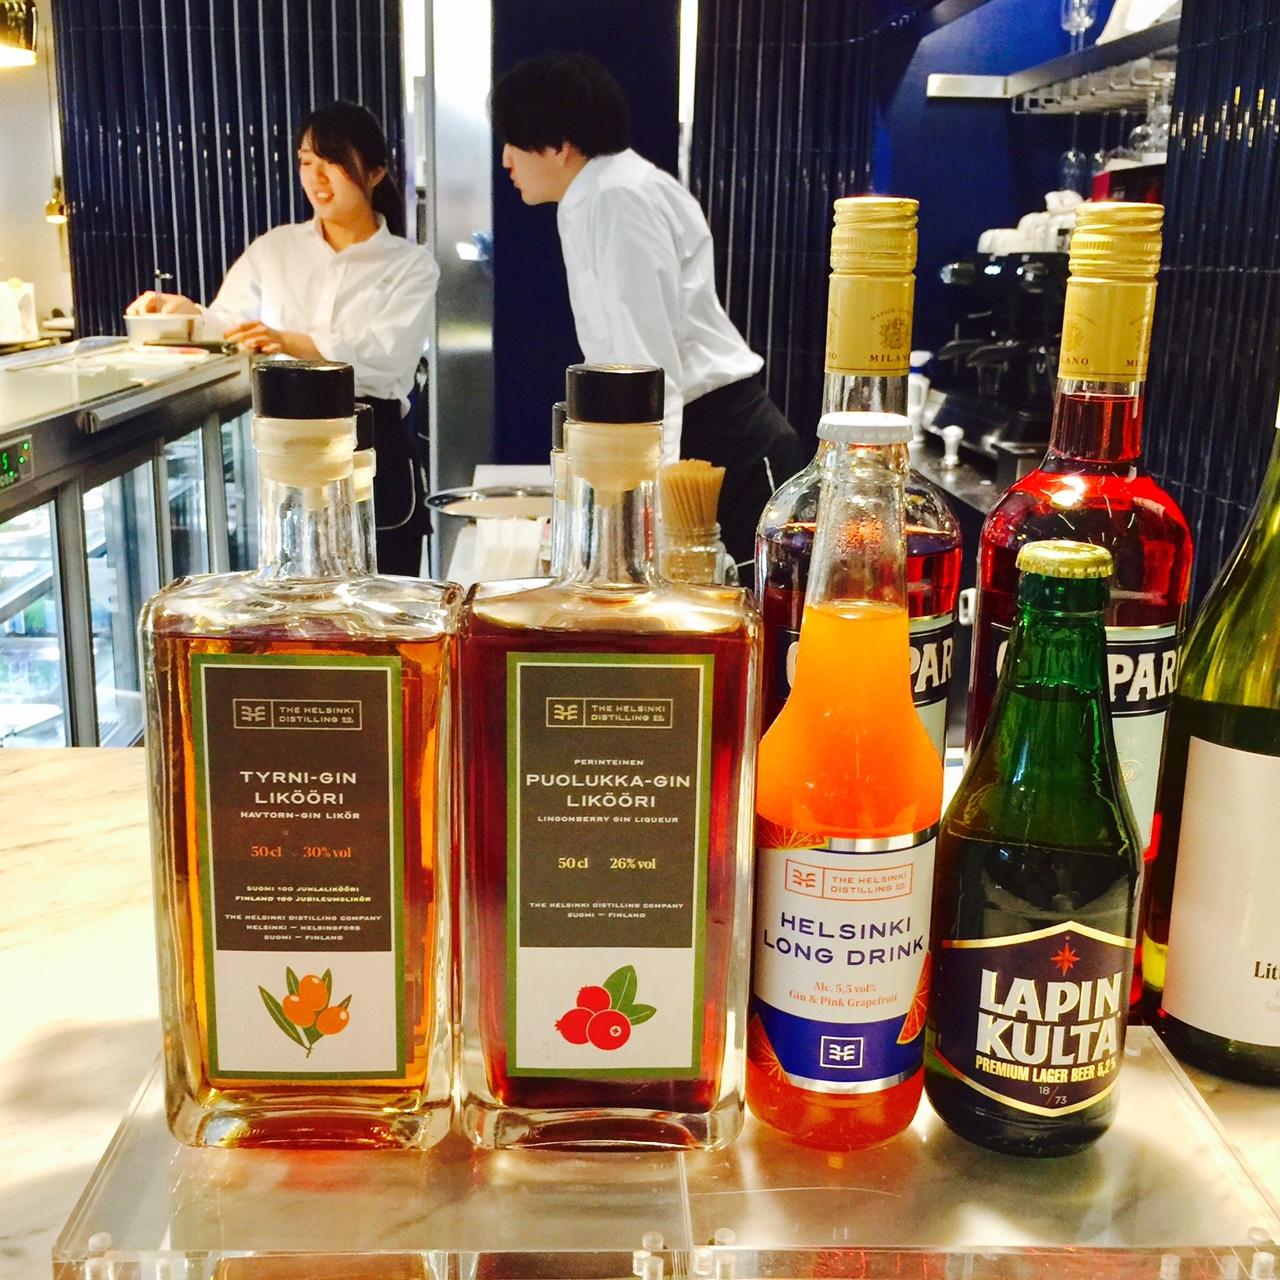 京都にできた北欧スタイルの宿、MAJA HOTEL KYOTOに泊まる!_1_4-3